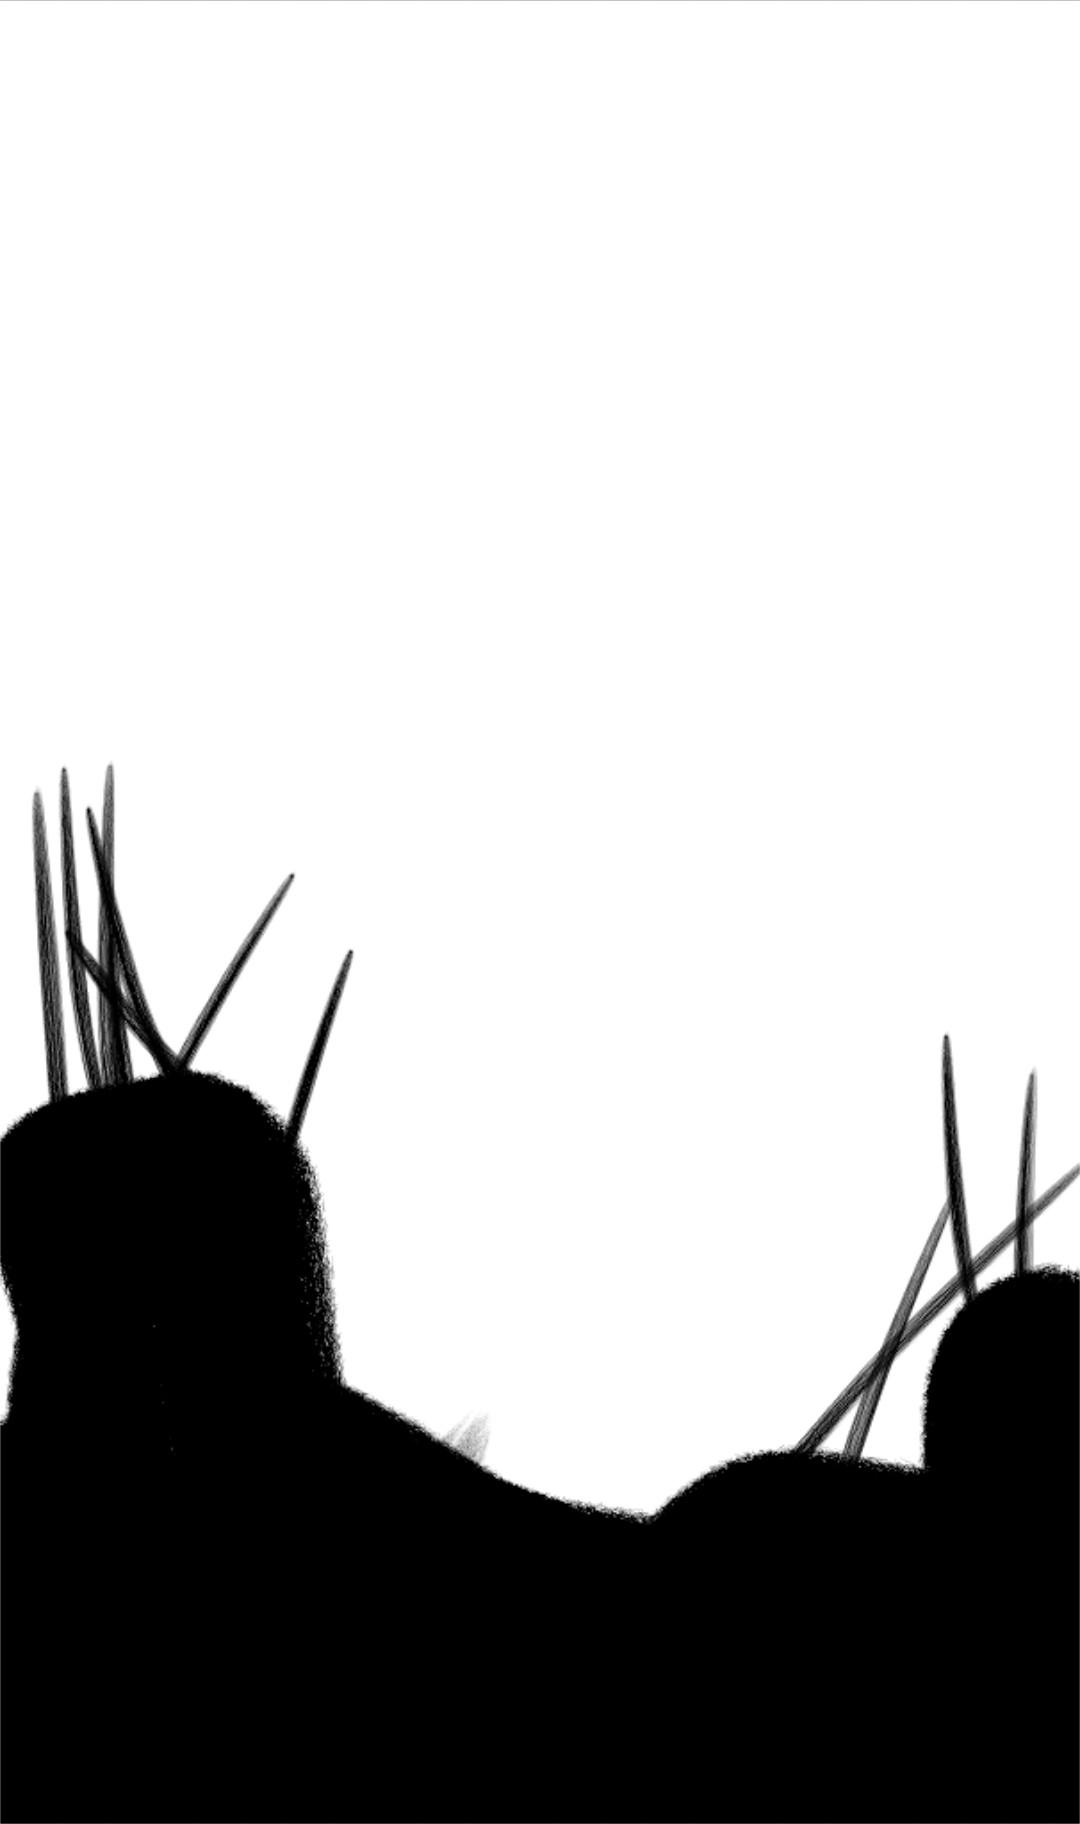 Zenbrush Layer (foreground)